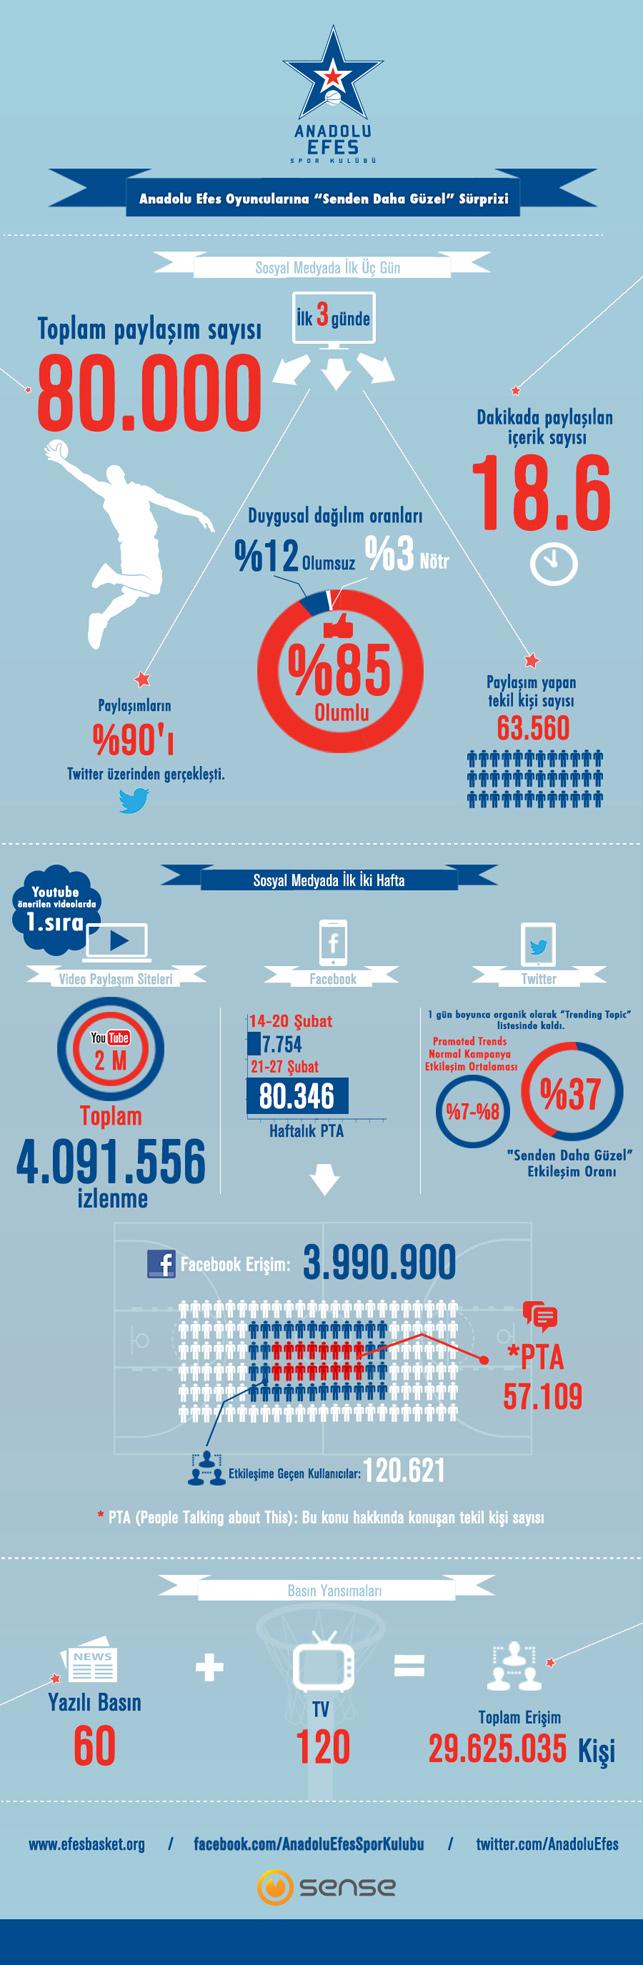 Anadolu Efes viralinin sosyal medya yansımaları